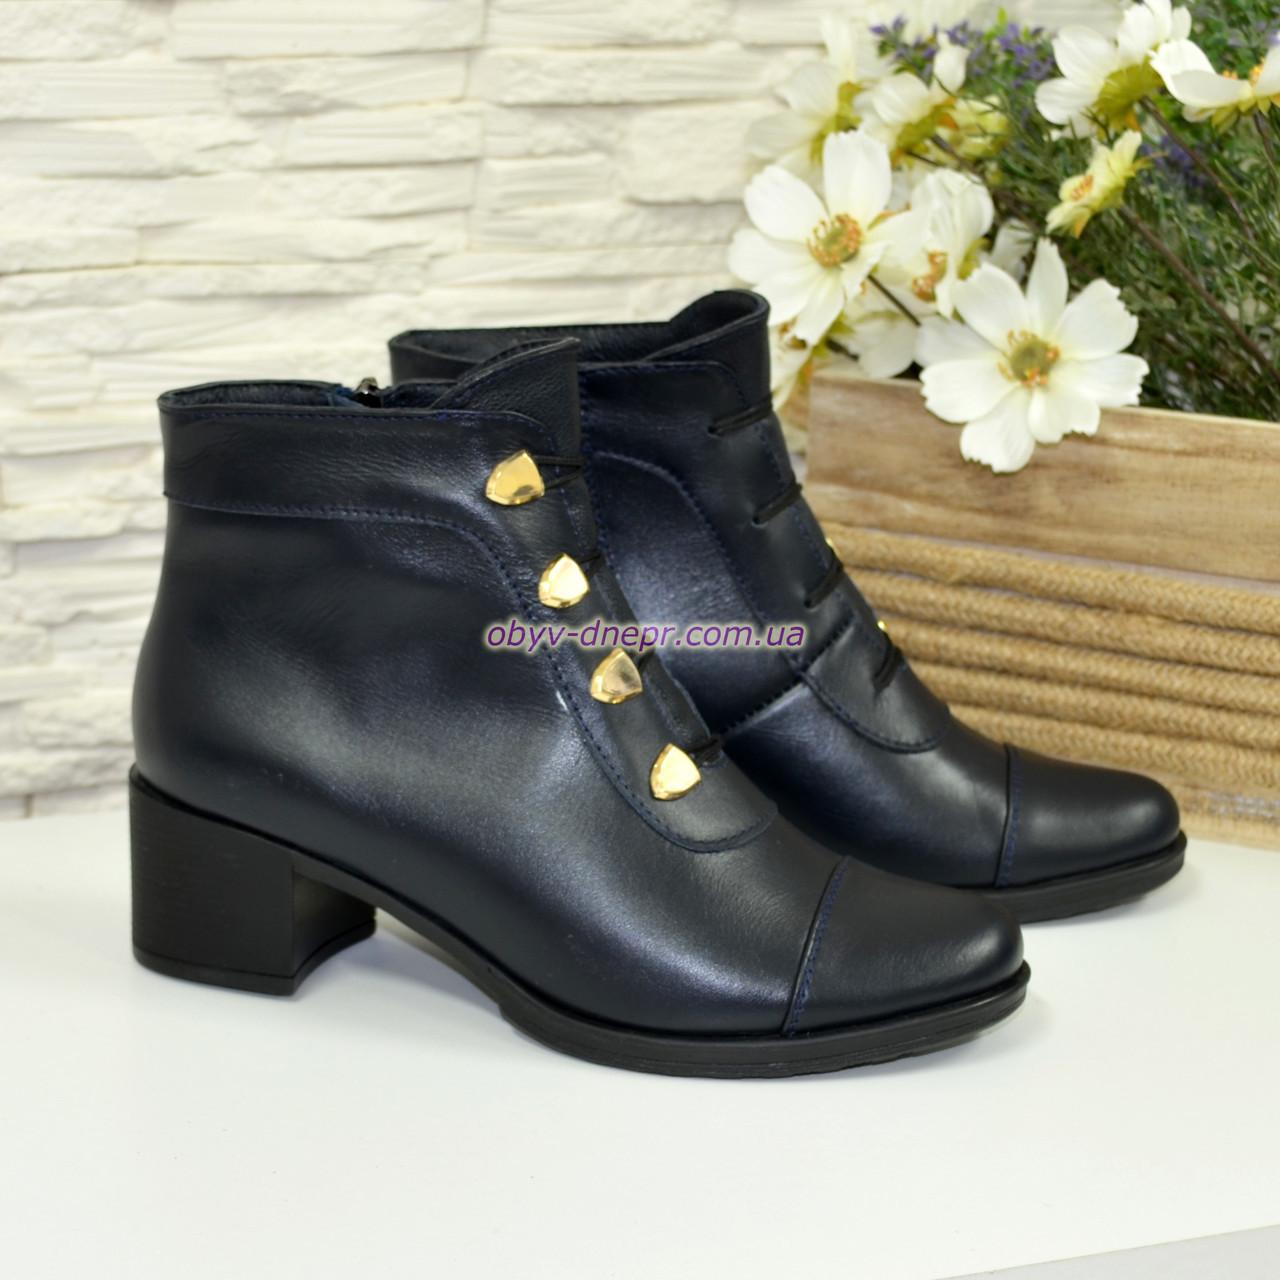 Женские классические демисезонные ботинки на невысоком каблуке, натуральная кожа синего цвета